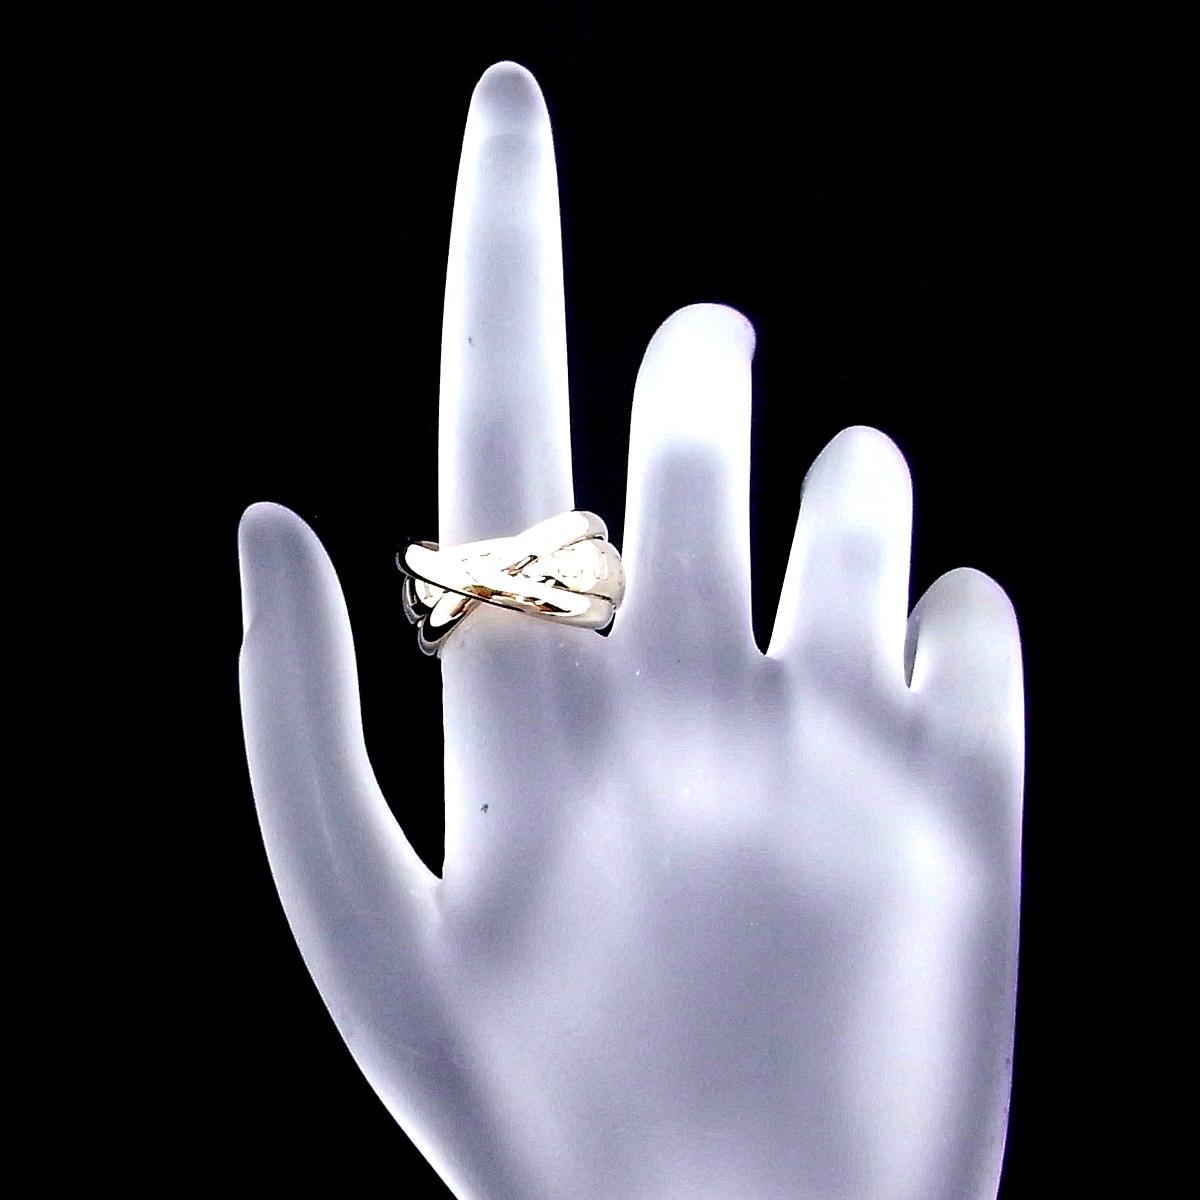 銀座店 Cartier カルティエ トリニティ ドゥ カルティエ リング 指輪51 750 WG ホワイトゴールド 1998年 クリスマス X'mas DH44352 大黒屋質店出品ikZOPXuT